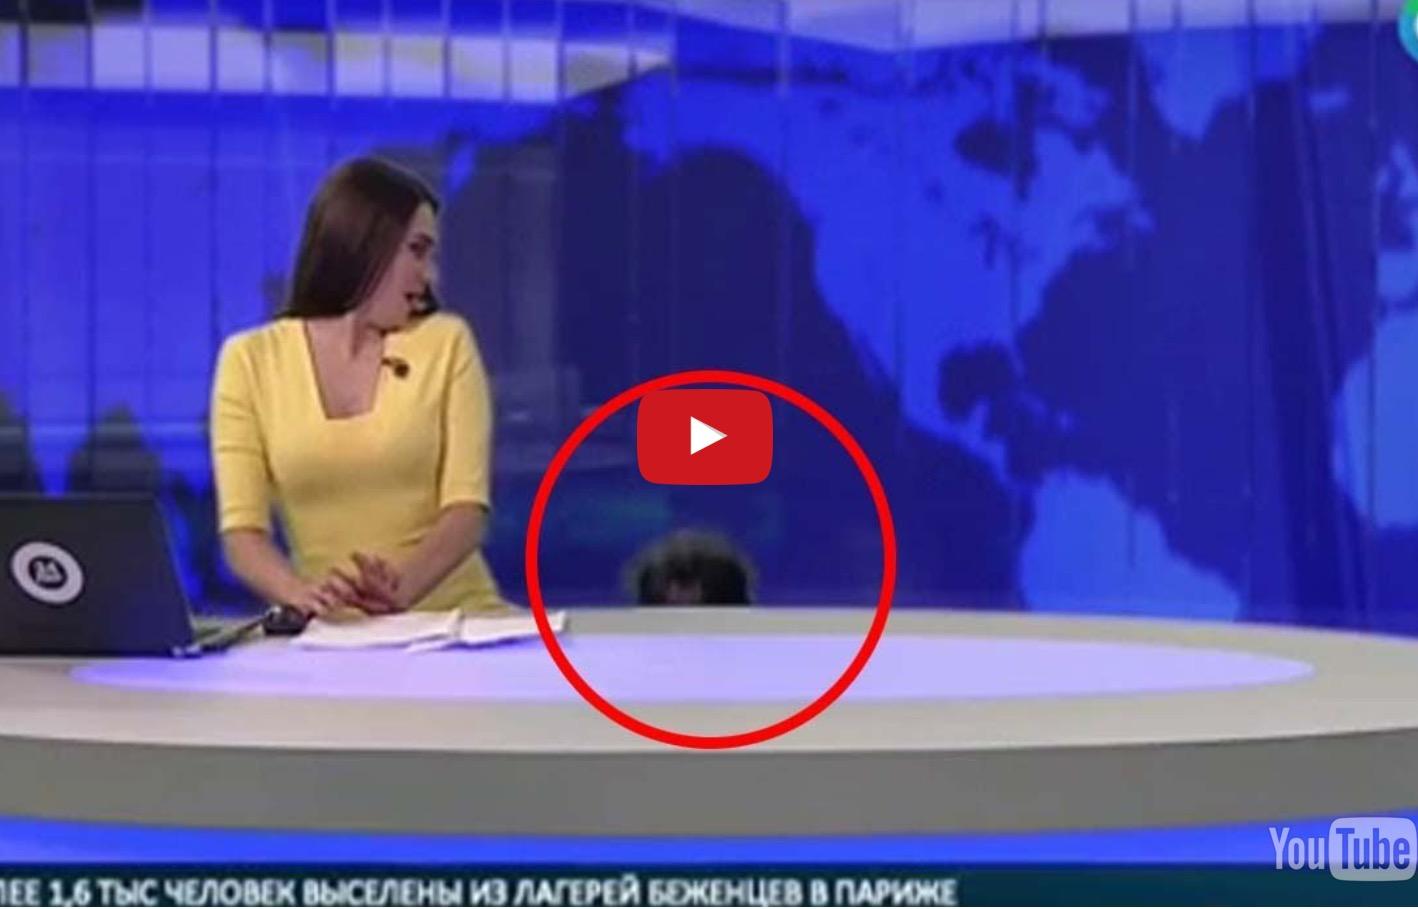 Σκύλος εισέβαλε σε δελτίο ειδήσεων